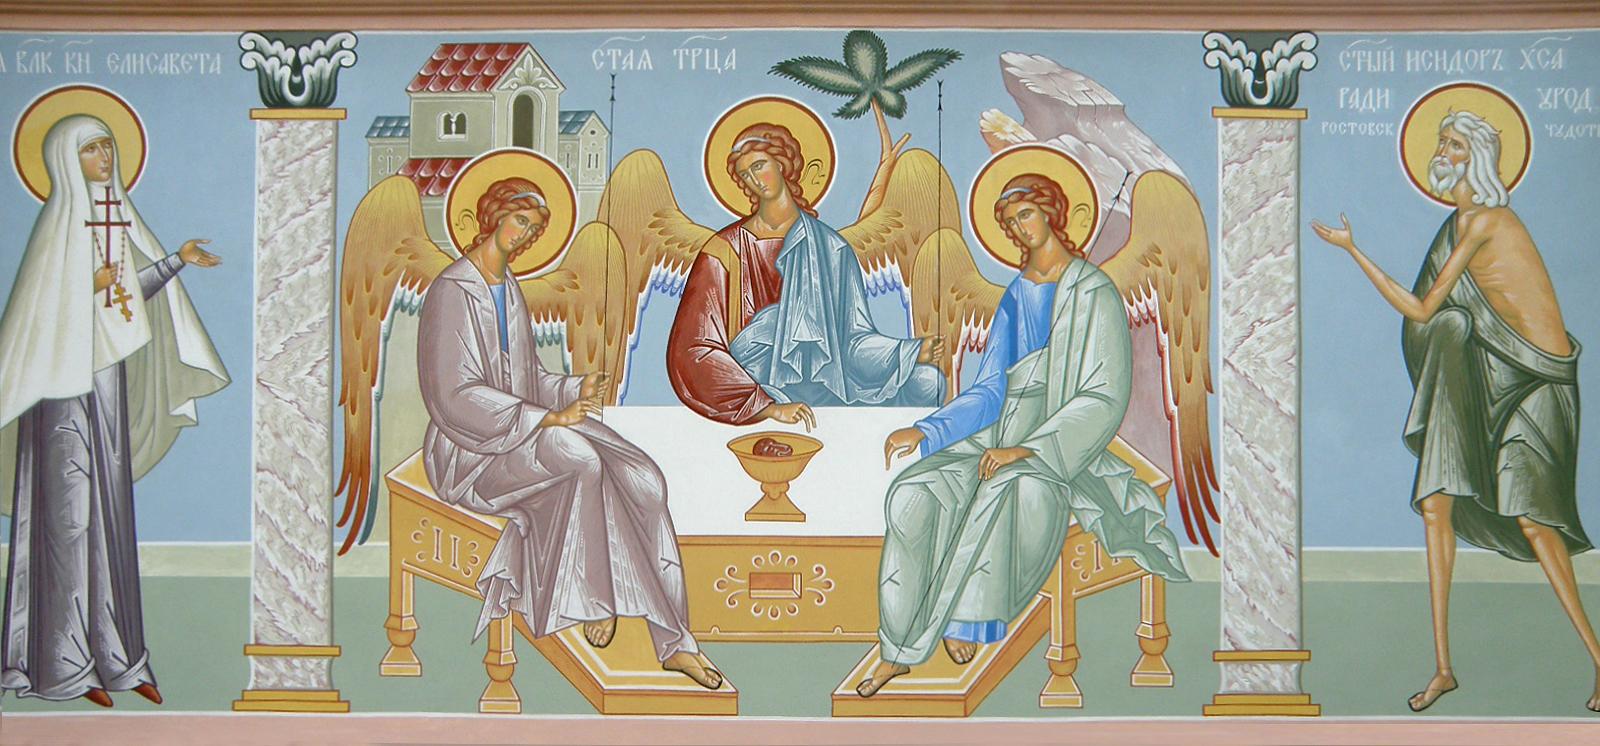 Freske Trinitatiskirche, Ikone, Ikonenmaler Alexander Stoljarov